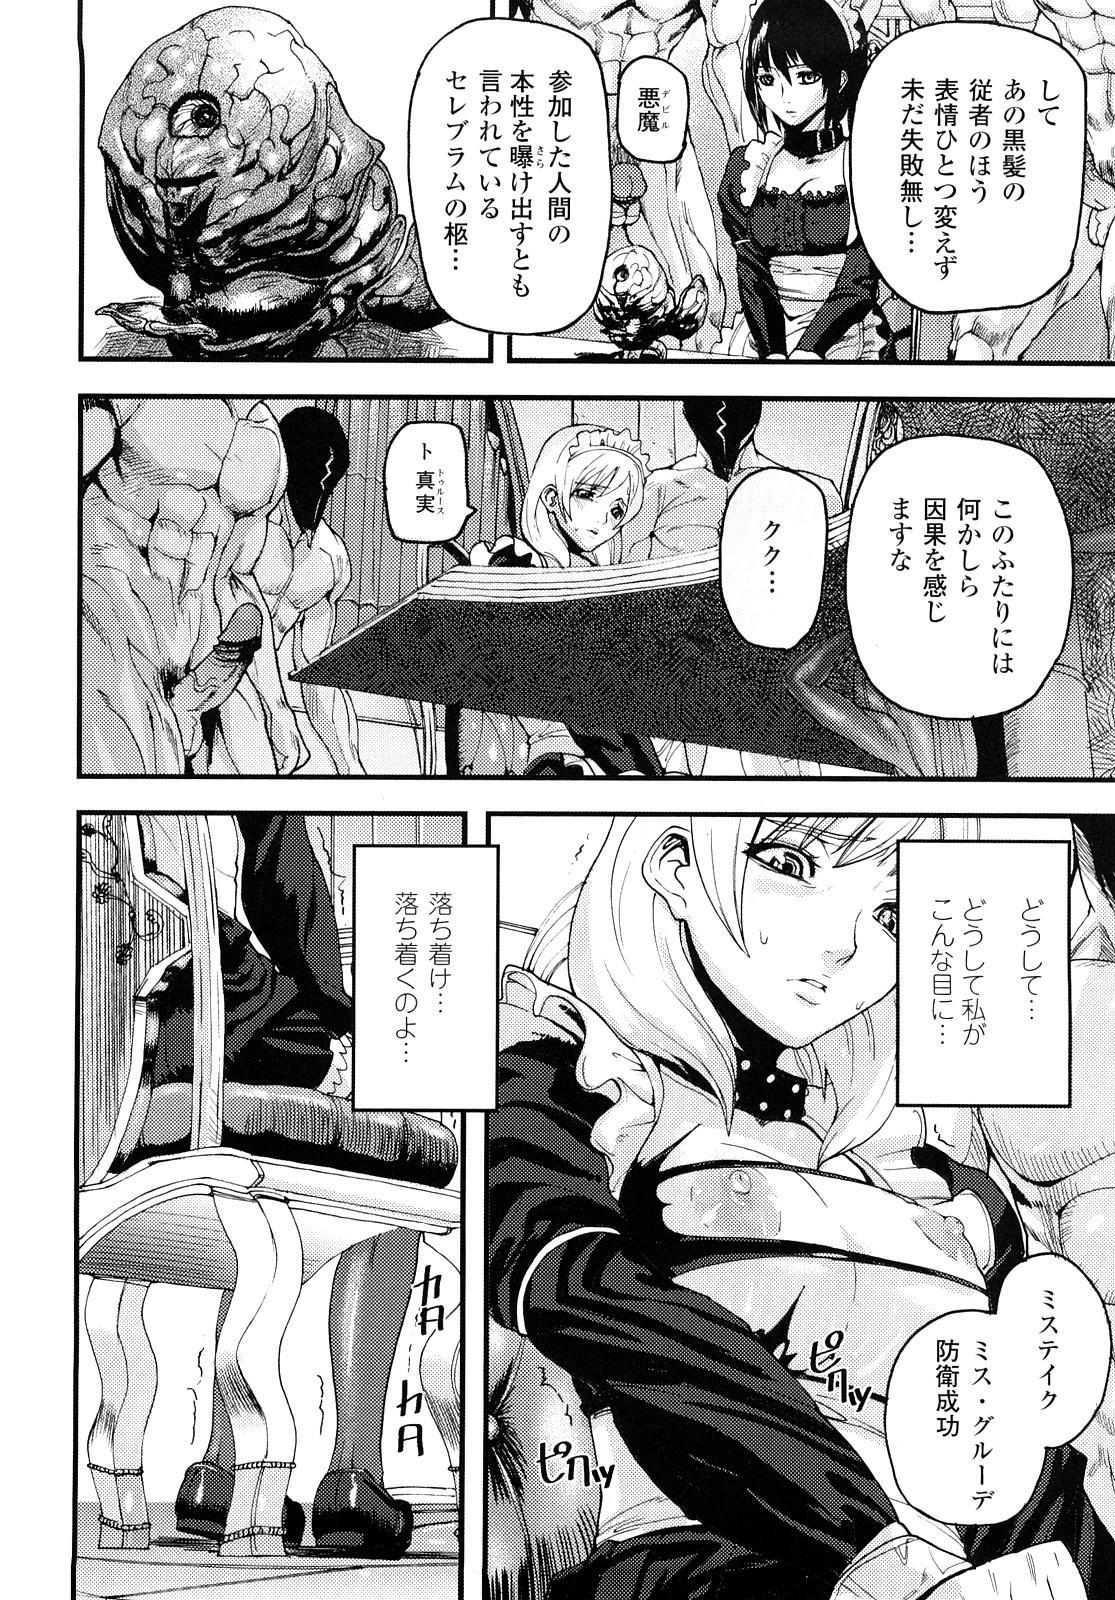 Cerberum no Hitsugi Haitoku no Hanmegami - The Coffin of Cerebrum Immoral Demivenus 10